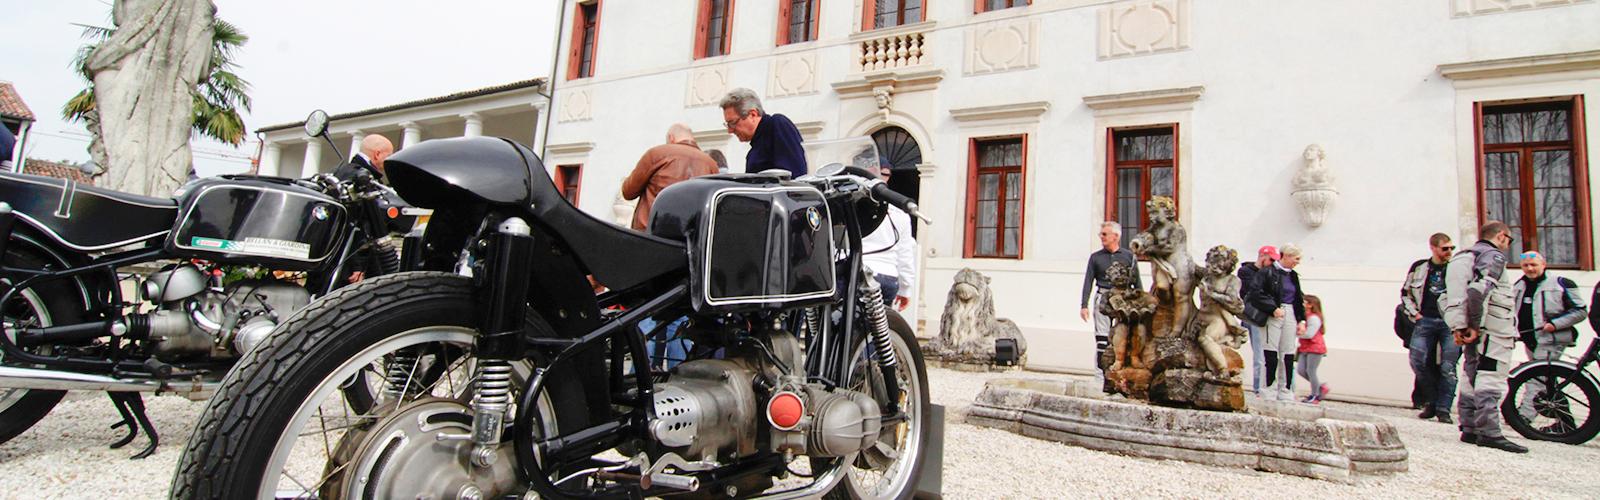 location eventi Vicenza, location eventi padova, villa per eventi, villa per eventi Vicenza, villa per eventi Padova, sala congresso Vicenza